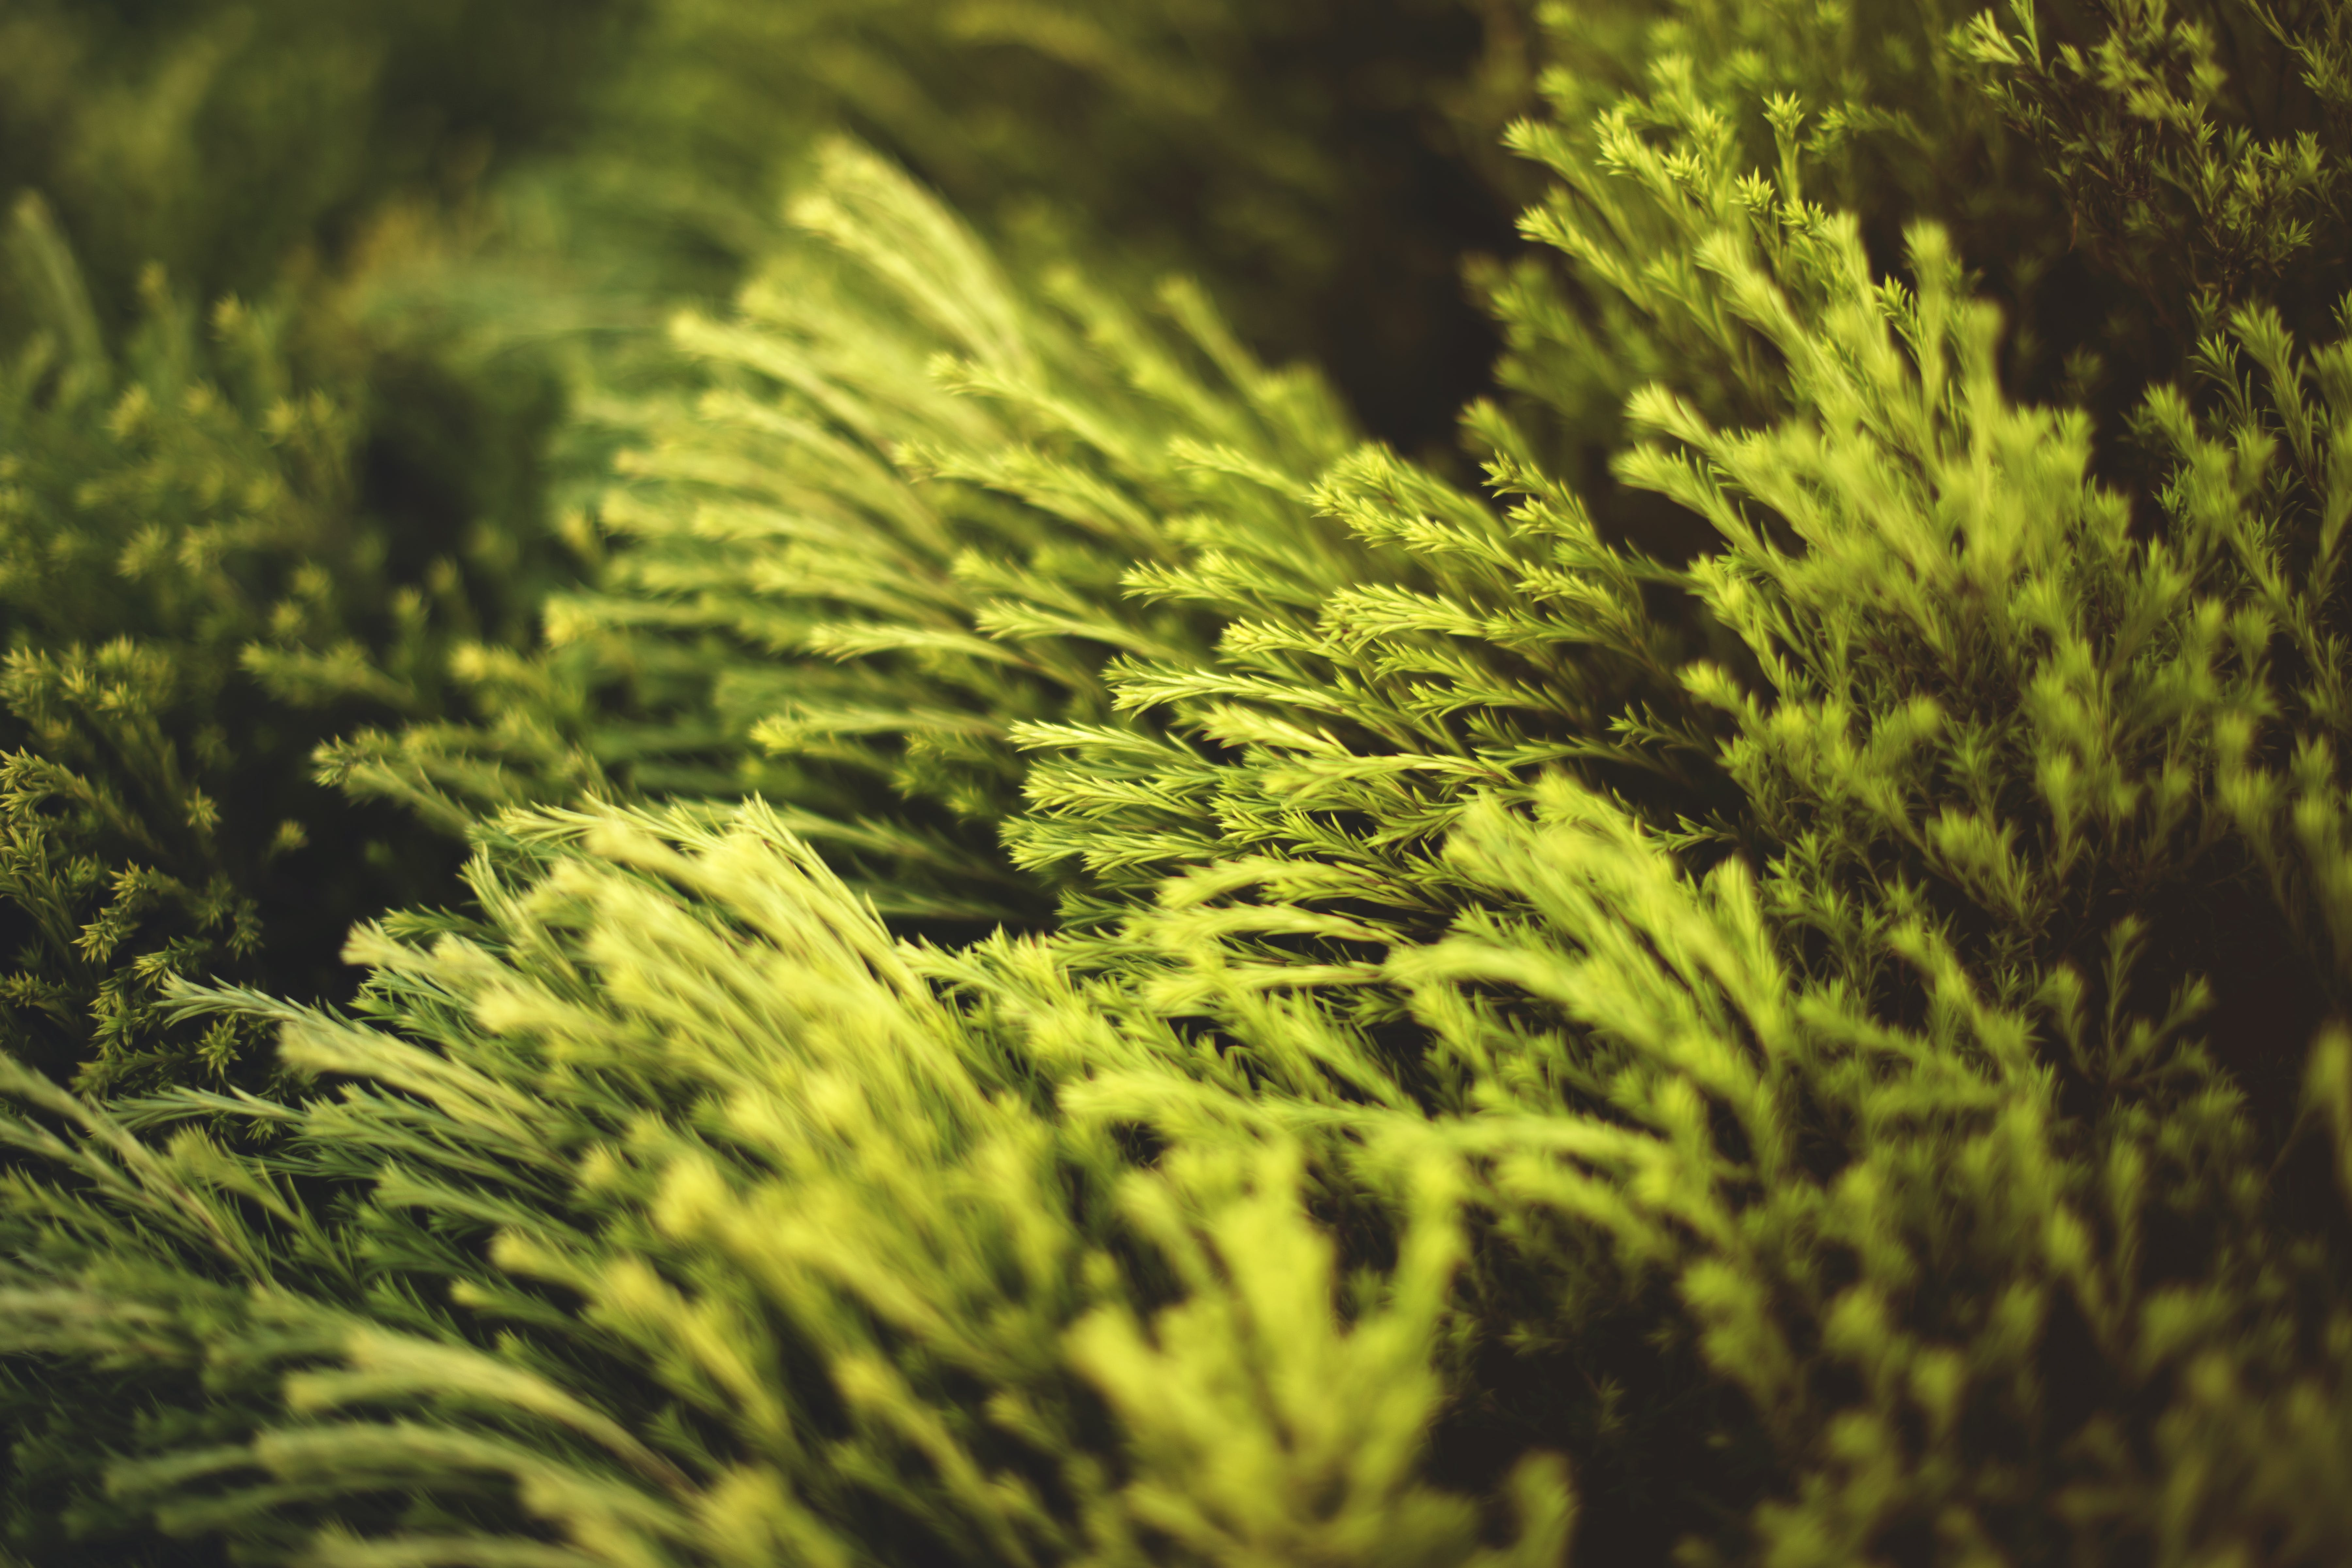 Gratis arkivbilde med eviggrønn, farge, grønn, miljø